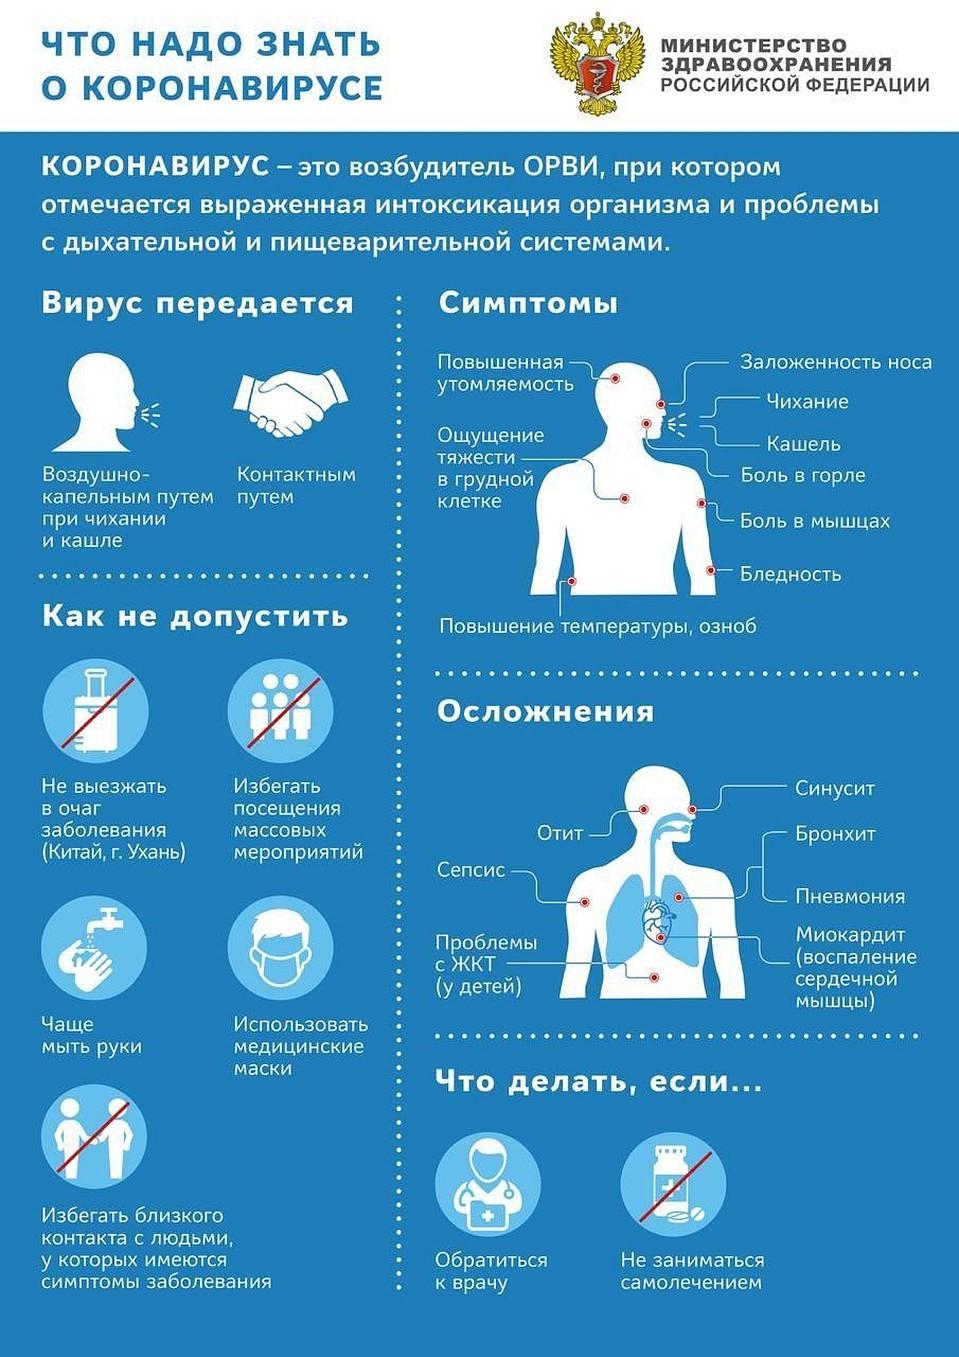 chto-nado-znat-coronavirus-RF